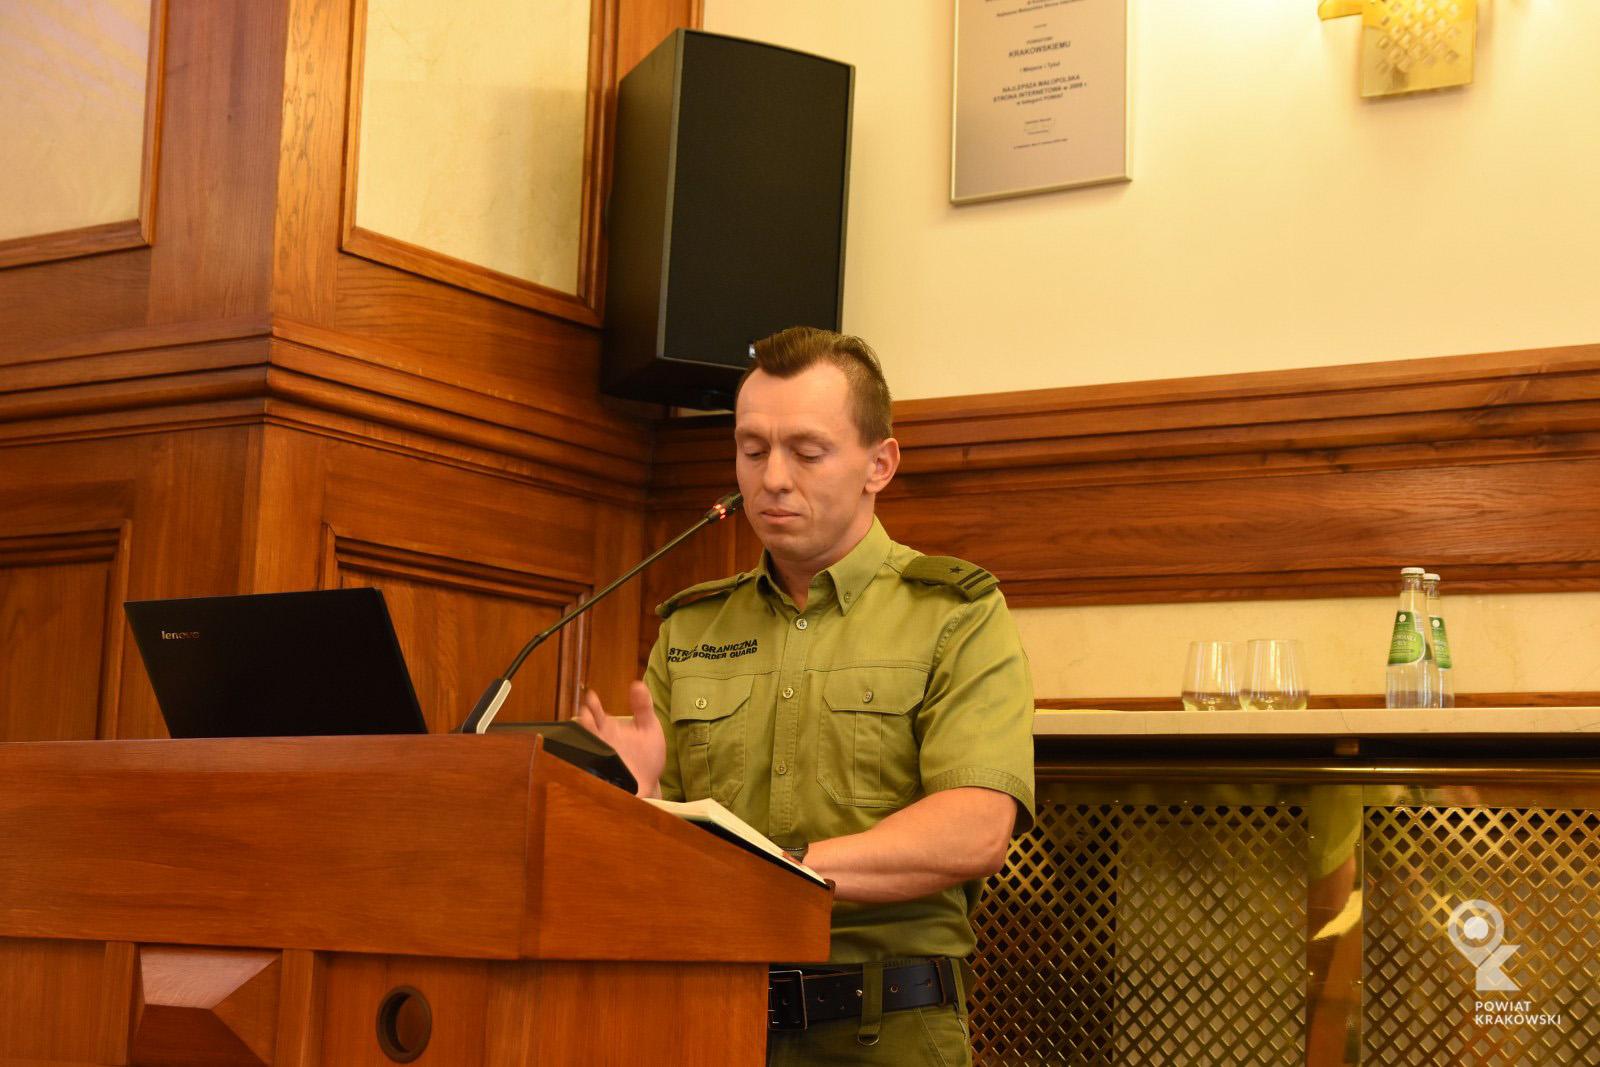 Komendant Straży Granicznej przemawia z mówicy, patrzy w notatki